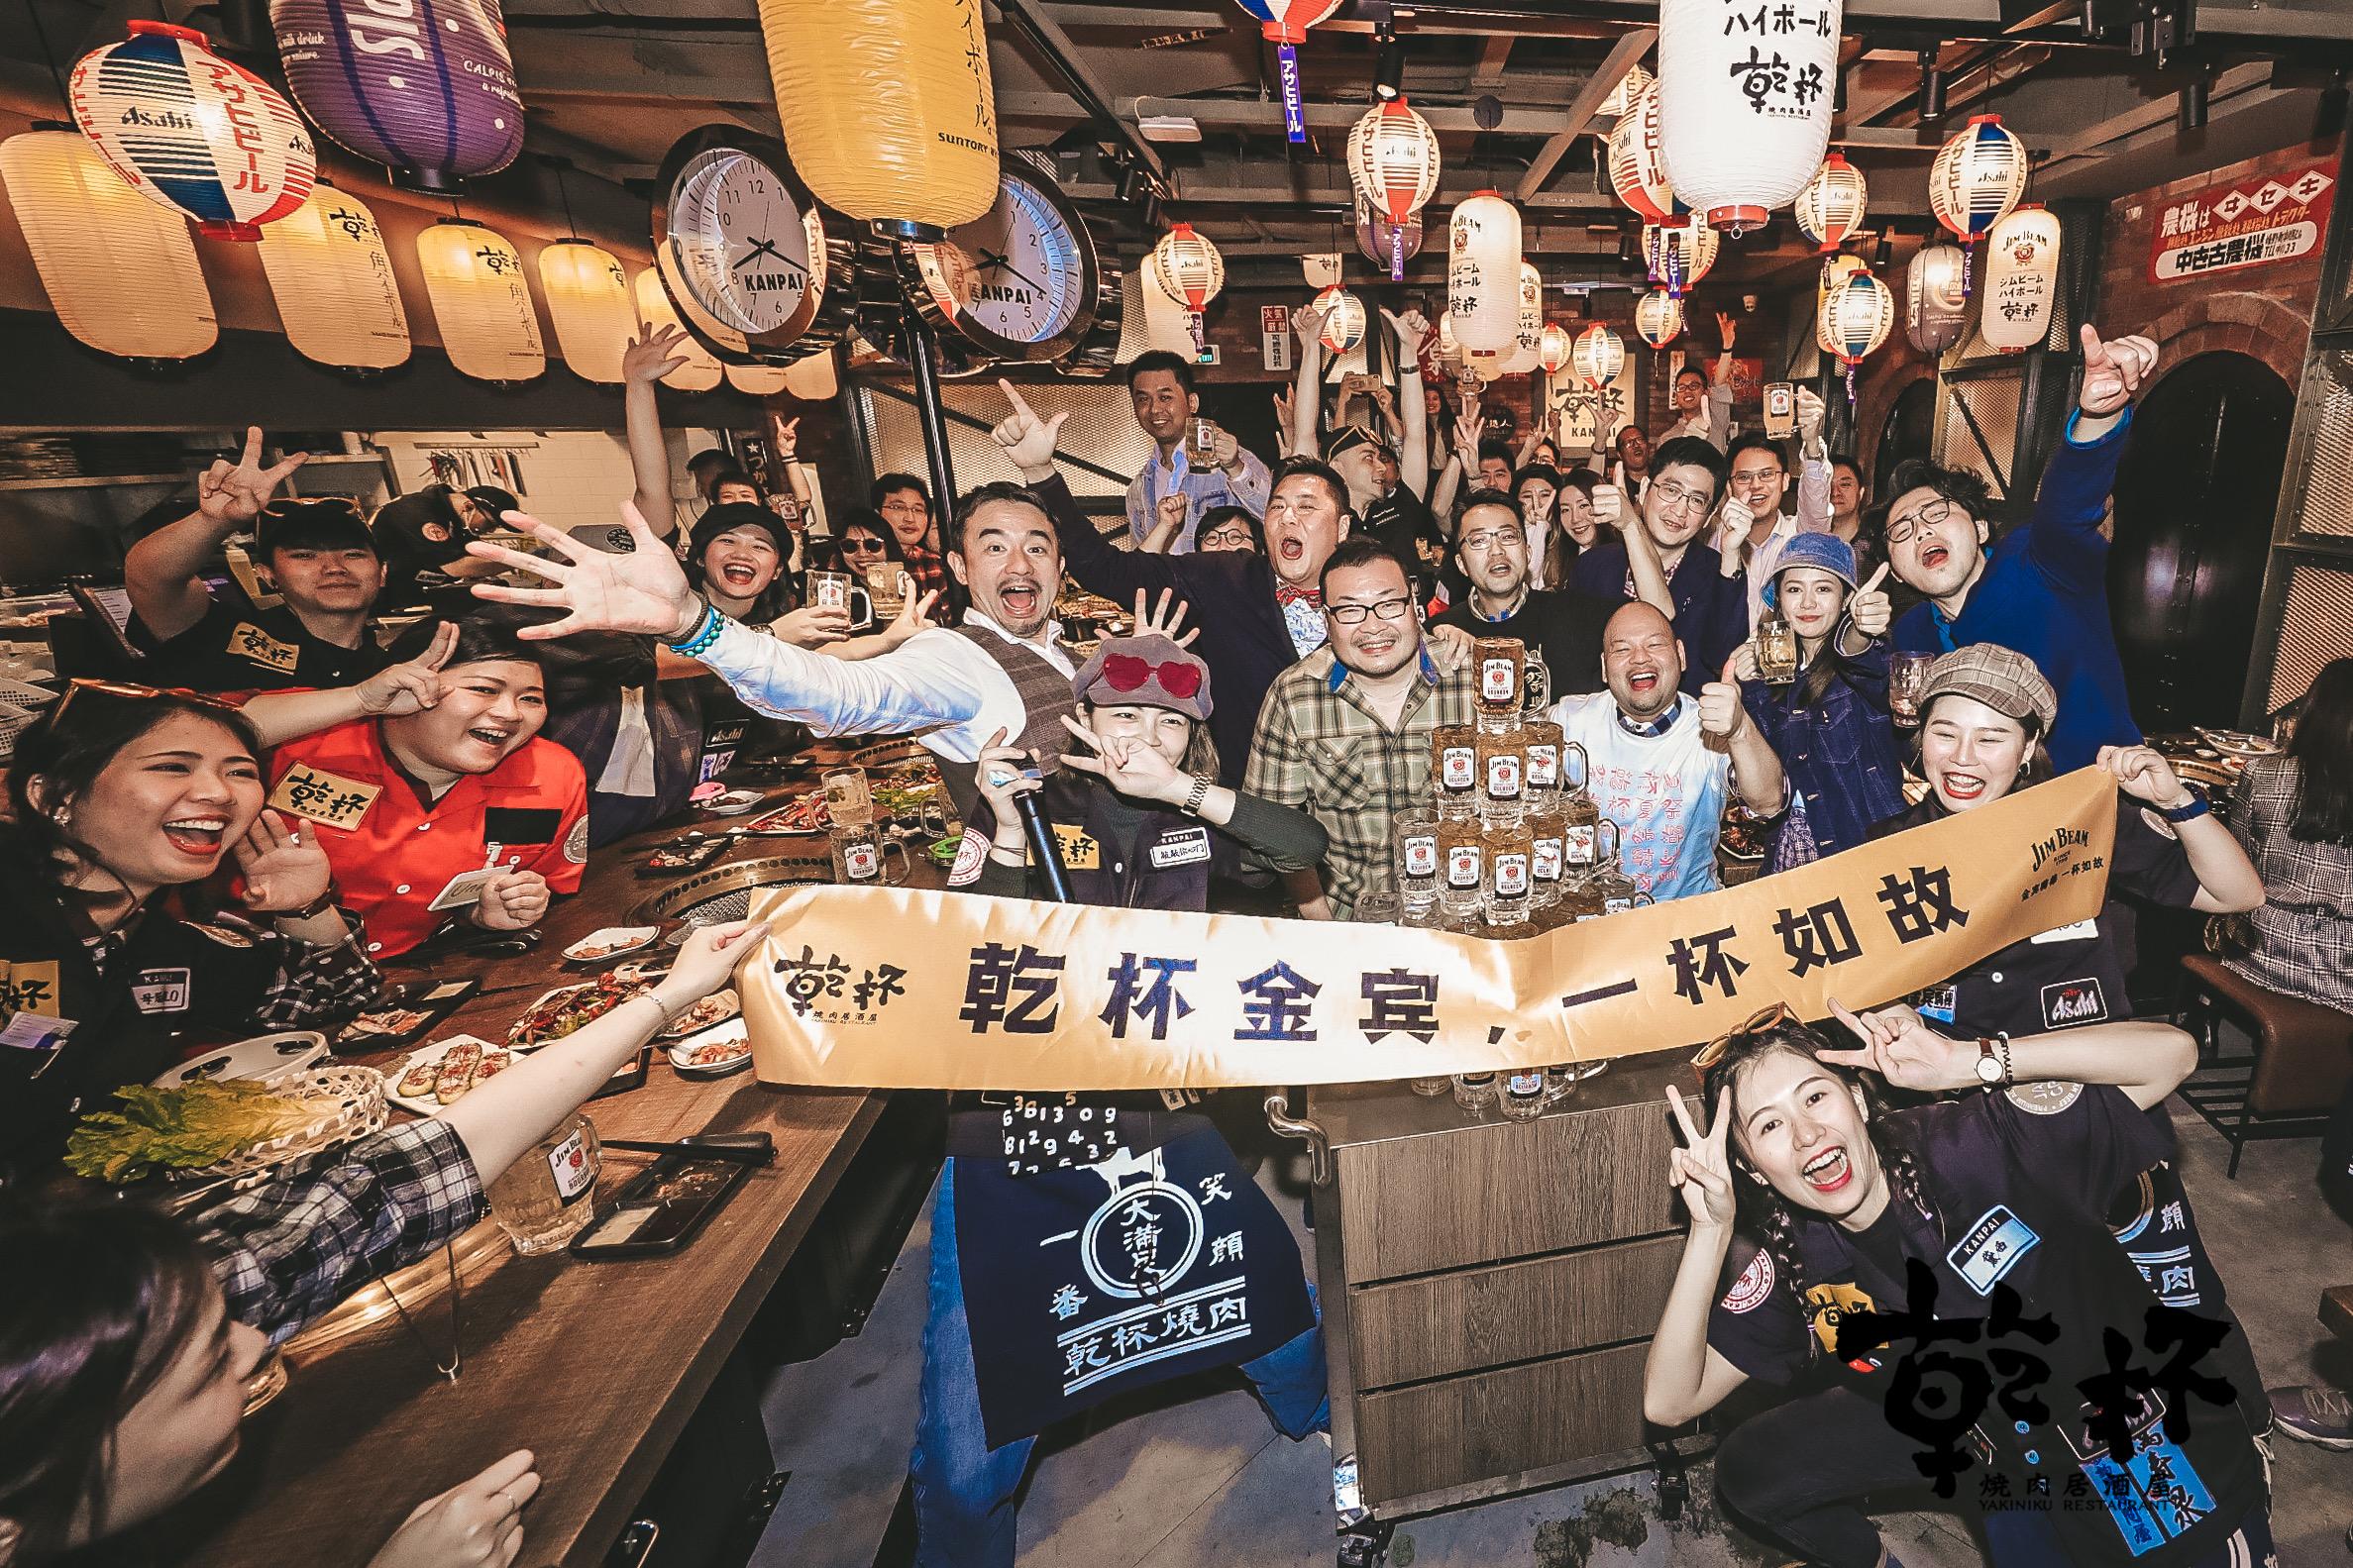 老乾杯(深圳万象城店)   Kanpai Classic (MixC Shenzhen)